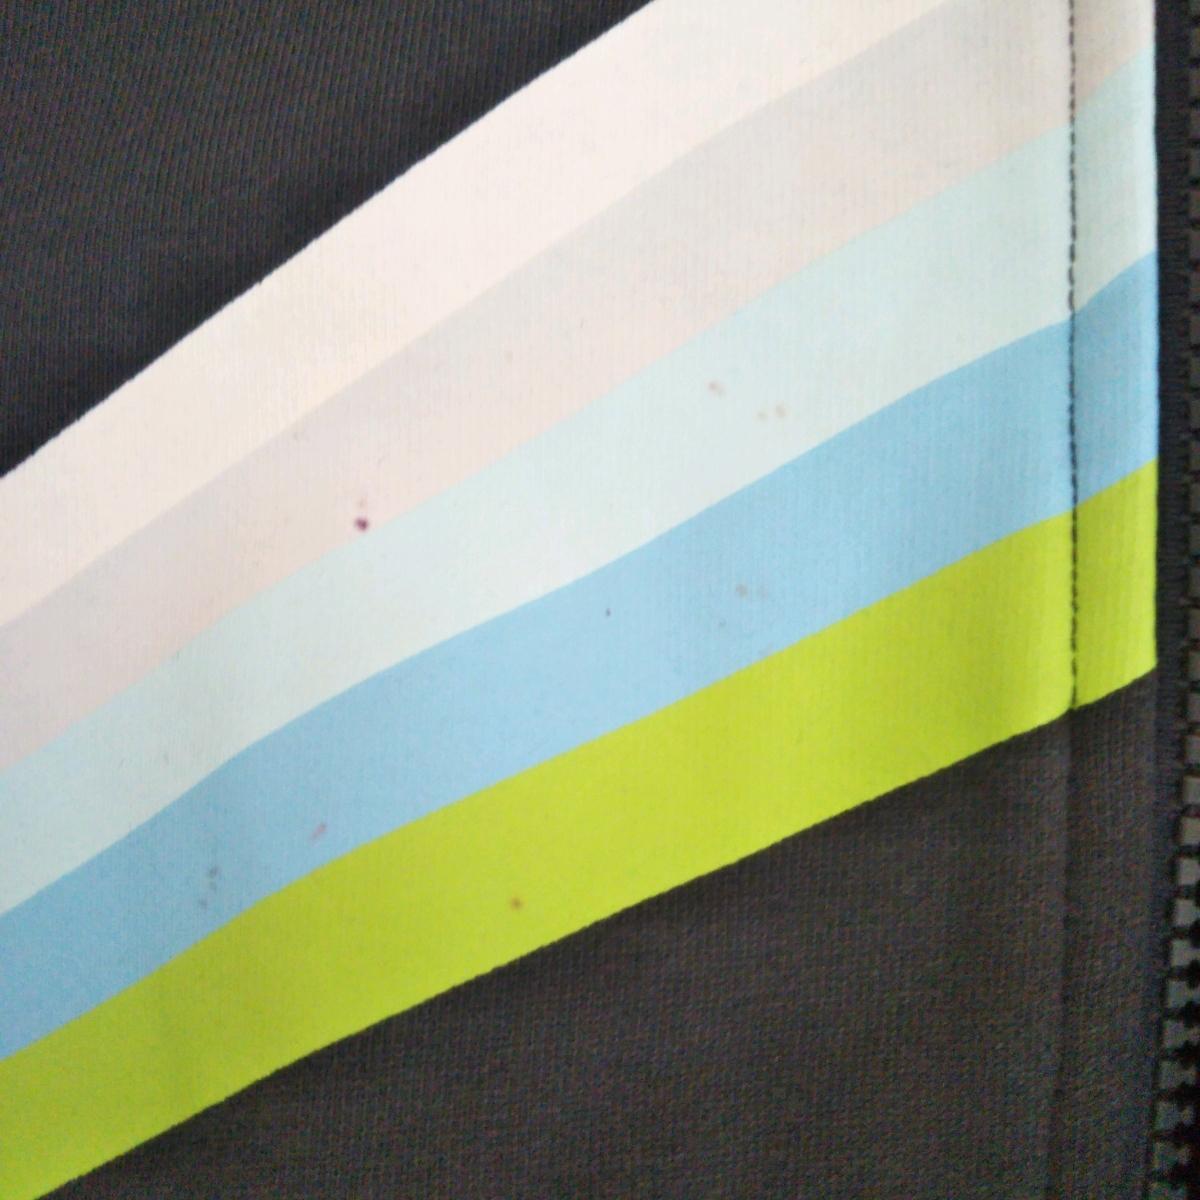 ナイキ NIKE メンズL 長袖 ジャージ 黒 ブラック スポーツ ワンポイントロゴ ビッグサイズ オーバーシルエット デザイン 古着女子 90s